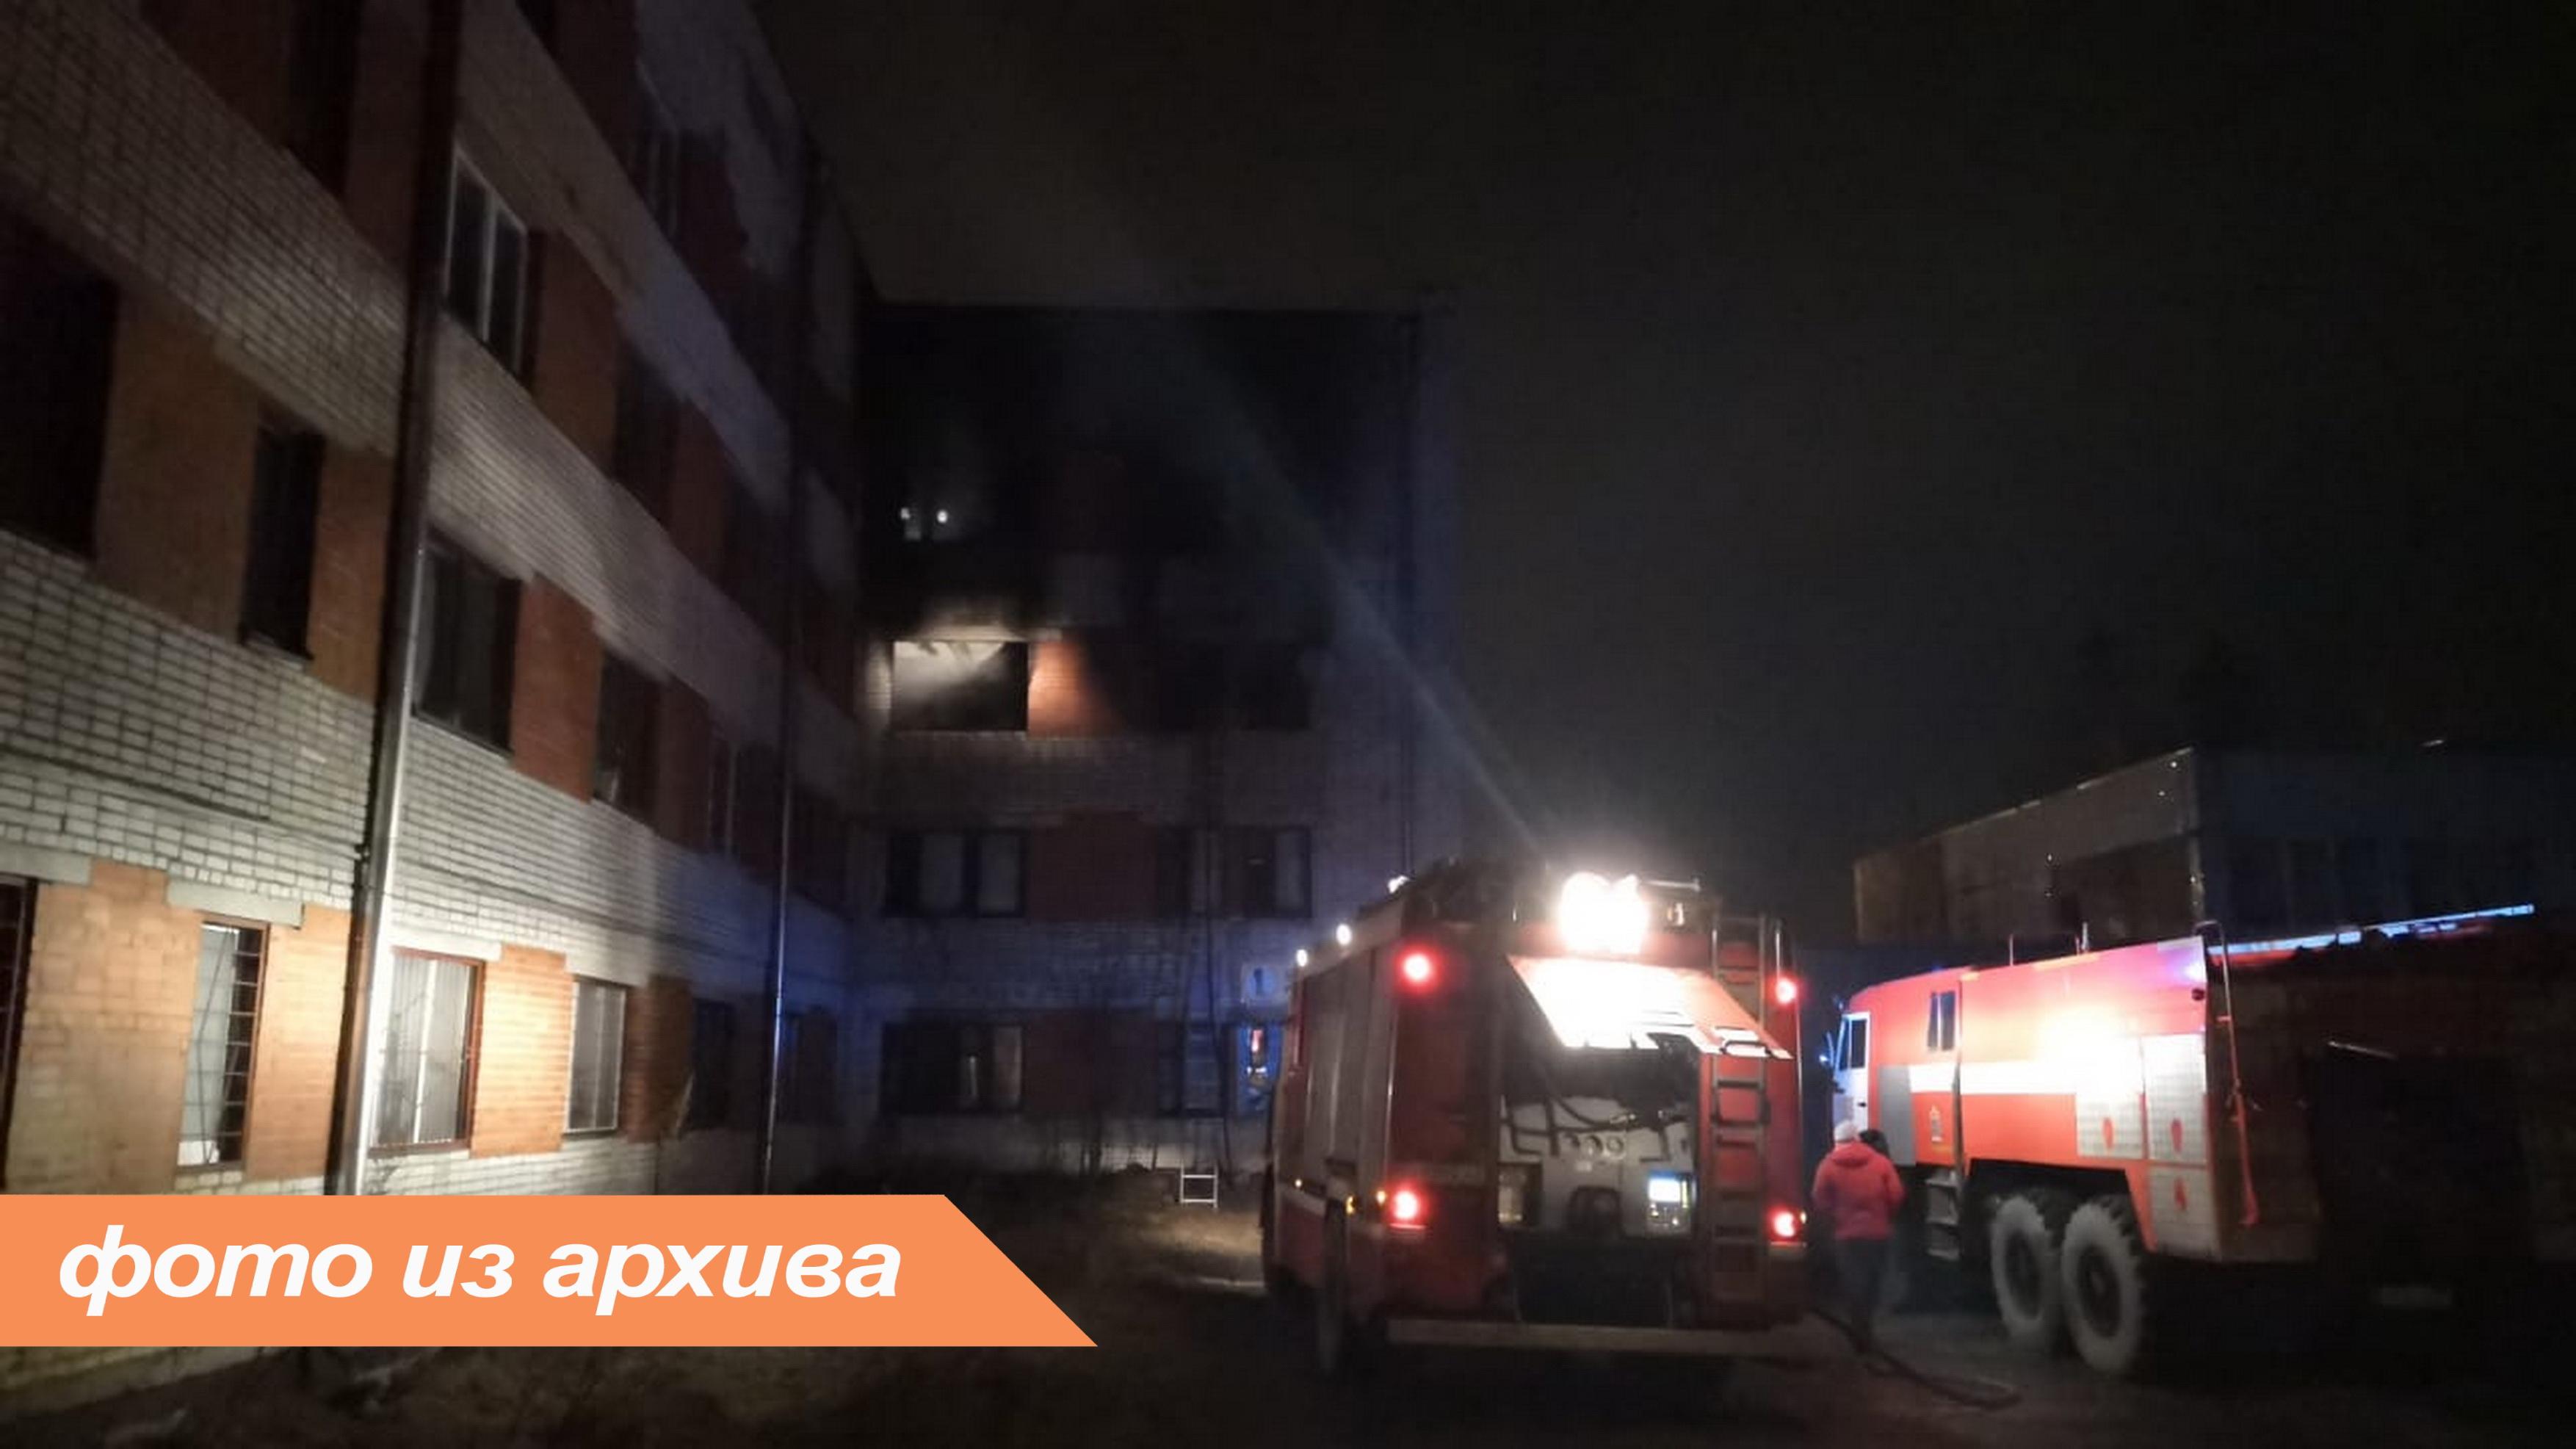 Пожарно-спасательные подразделения Ленинградской области ликвидировали пожар в Бокситогорском районе